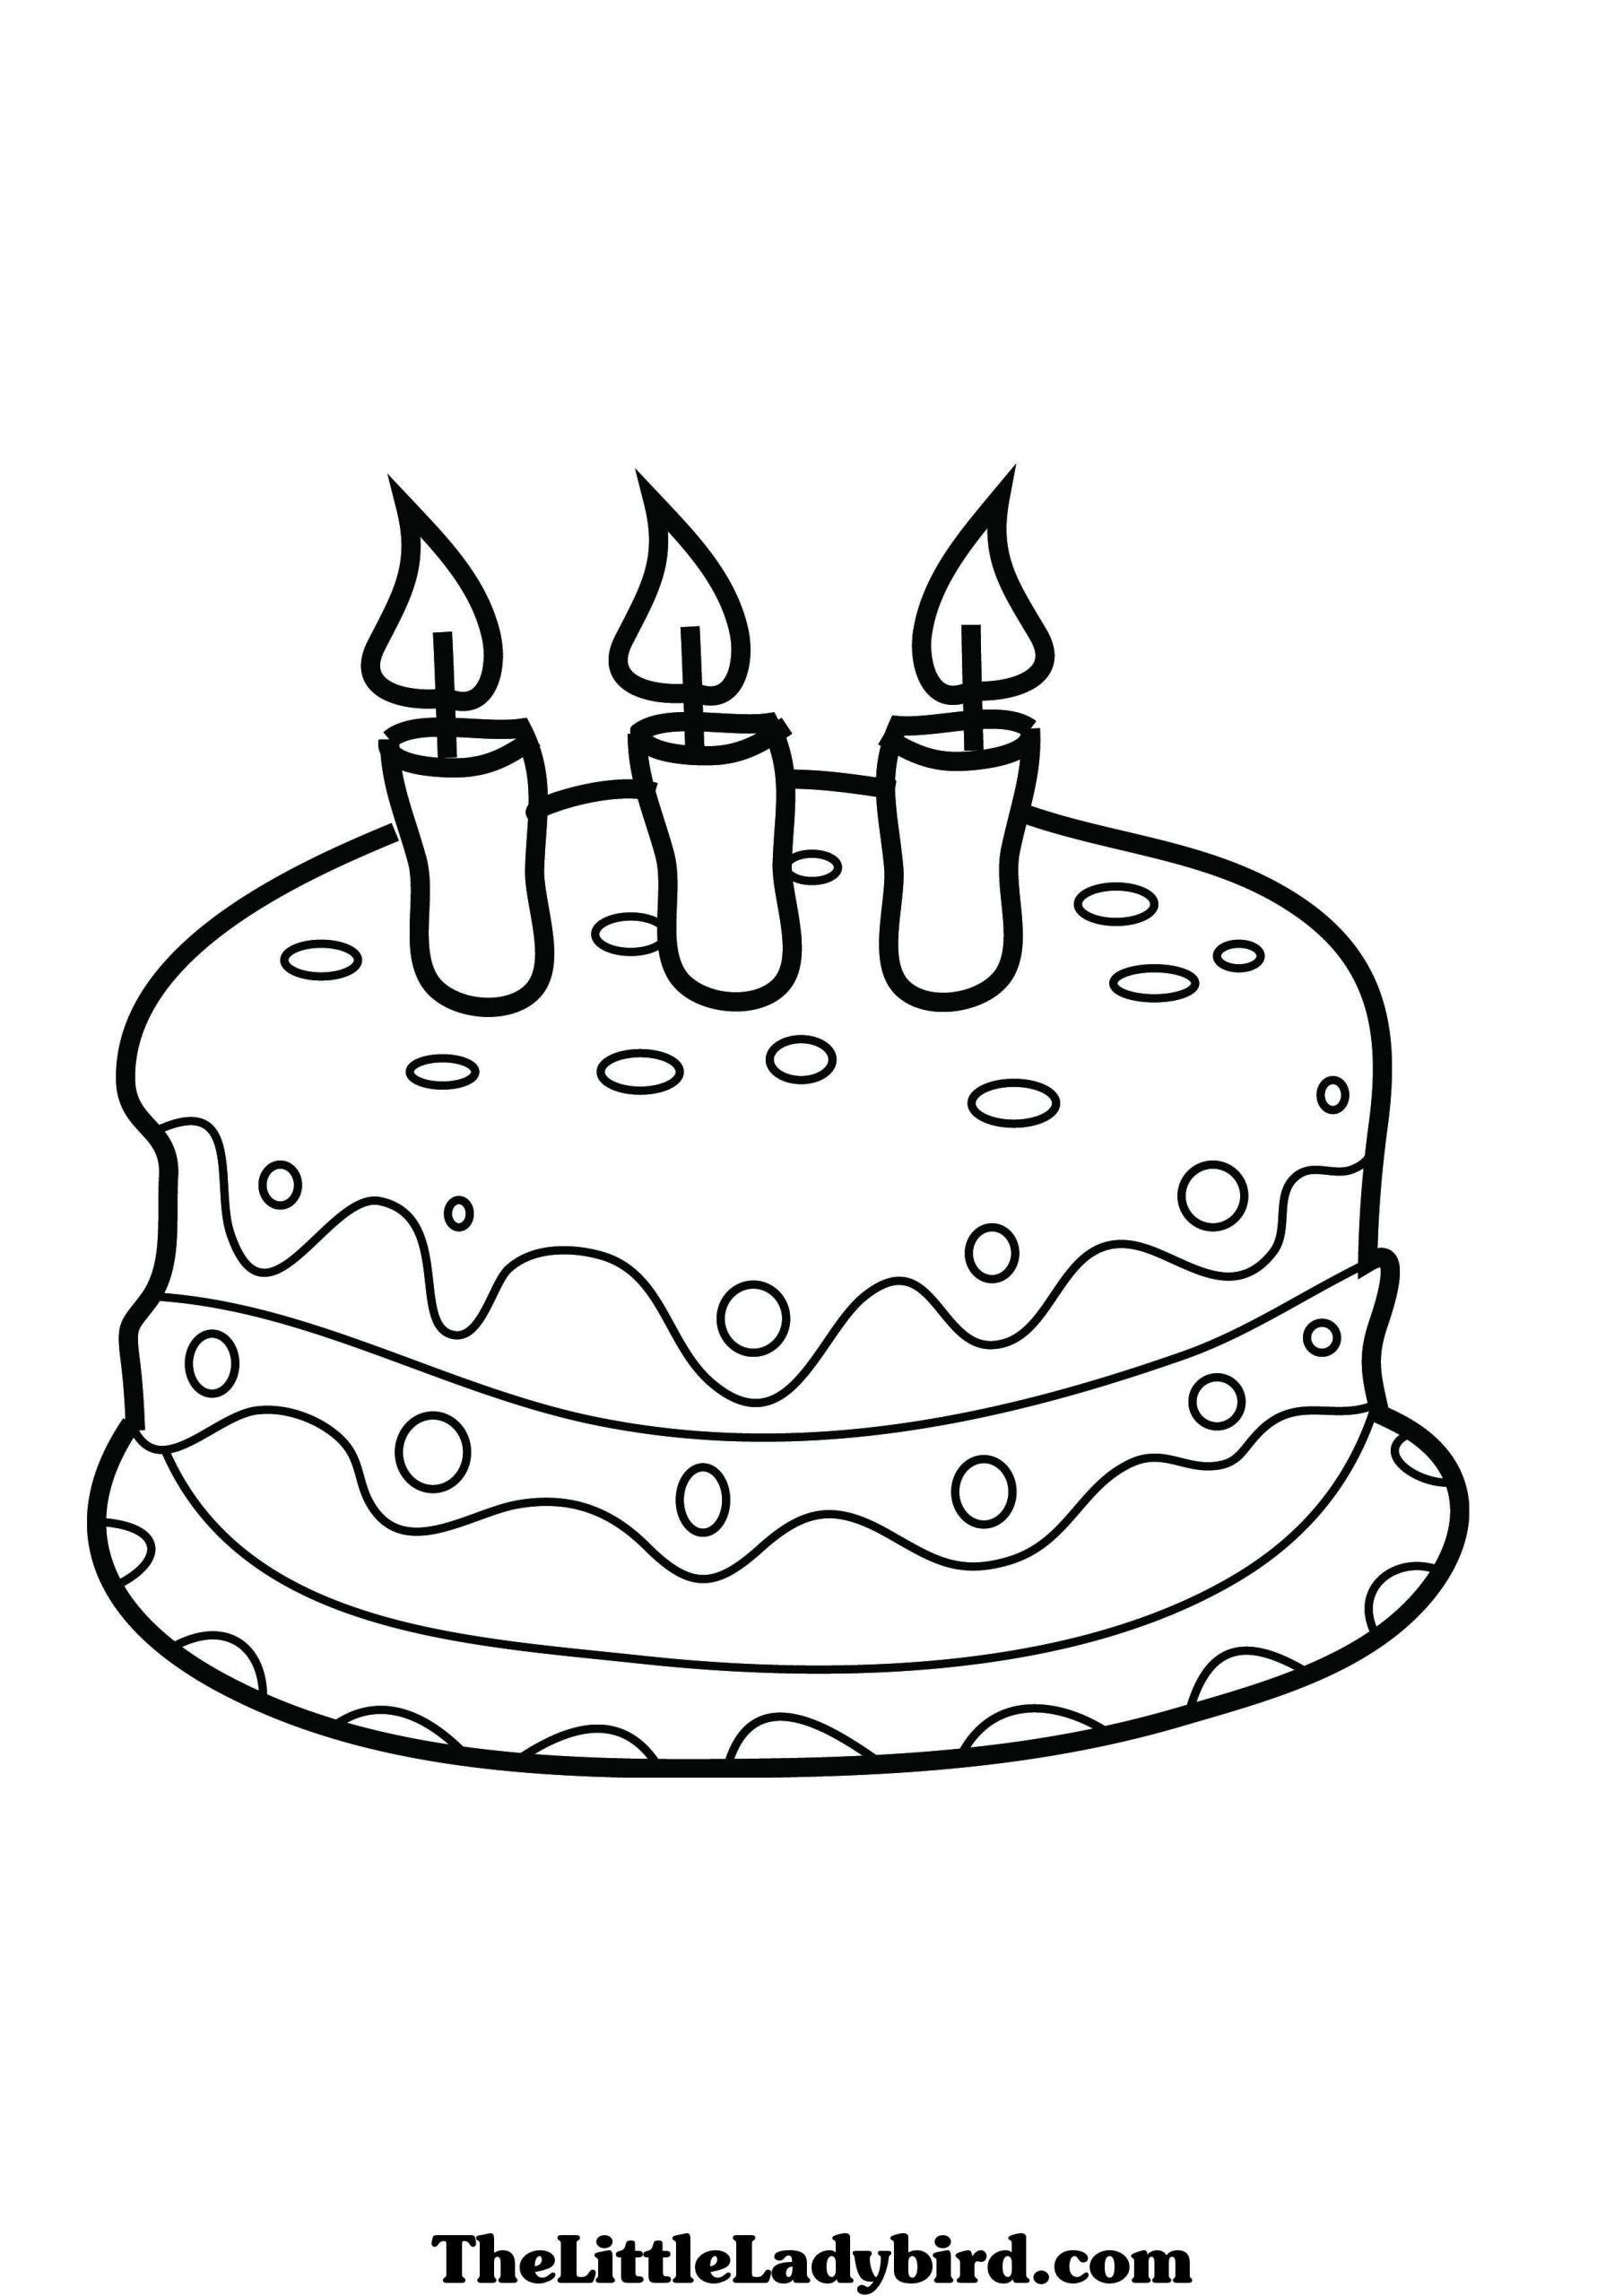 Neu Torte Ausmalen   Geburtstag Malvorlagen, Kinder in Kuchen Ausmalbild